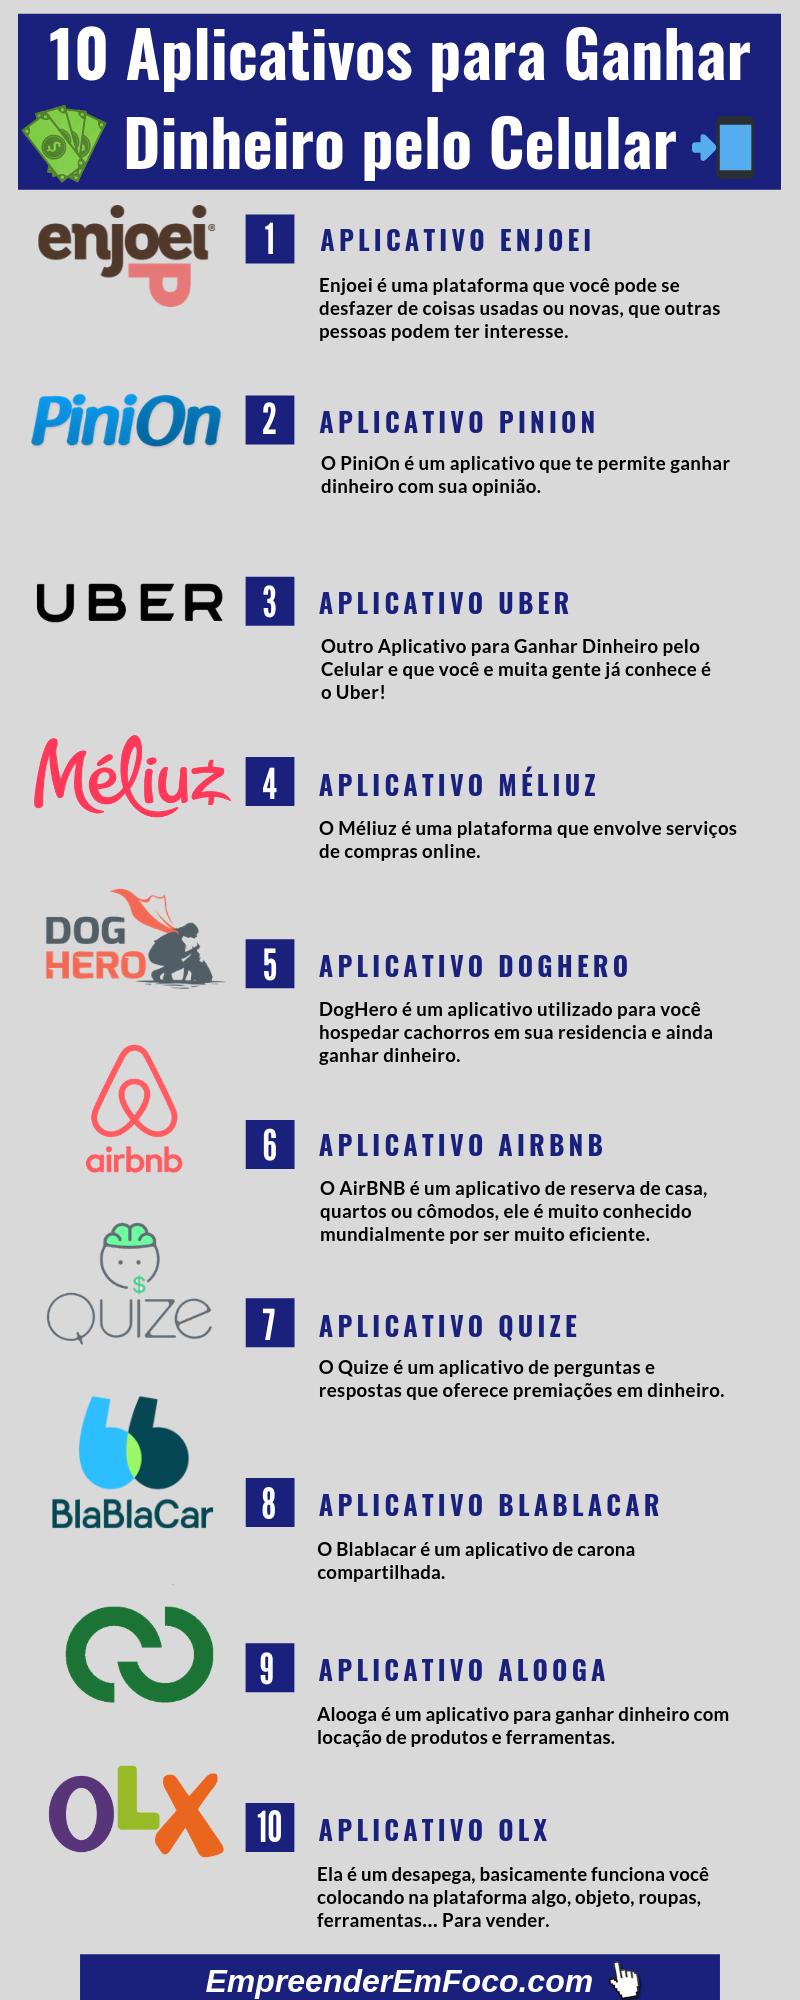 10 Aplicativos para Ganhar Dinheiro pelo Celular!